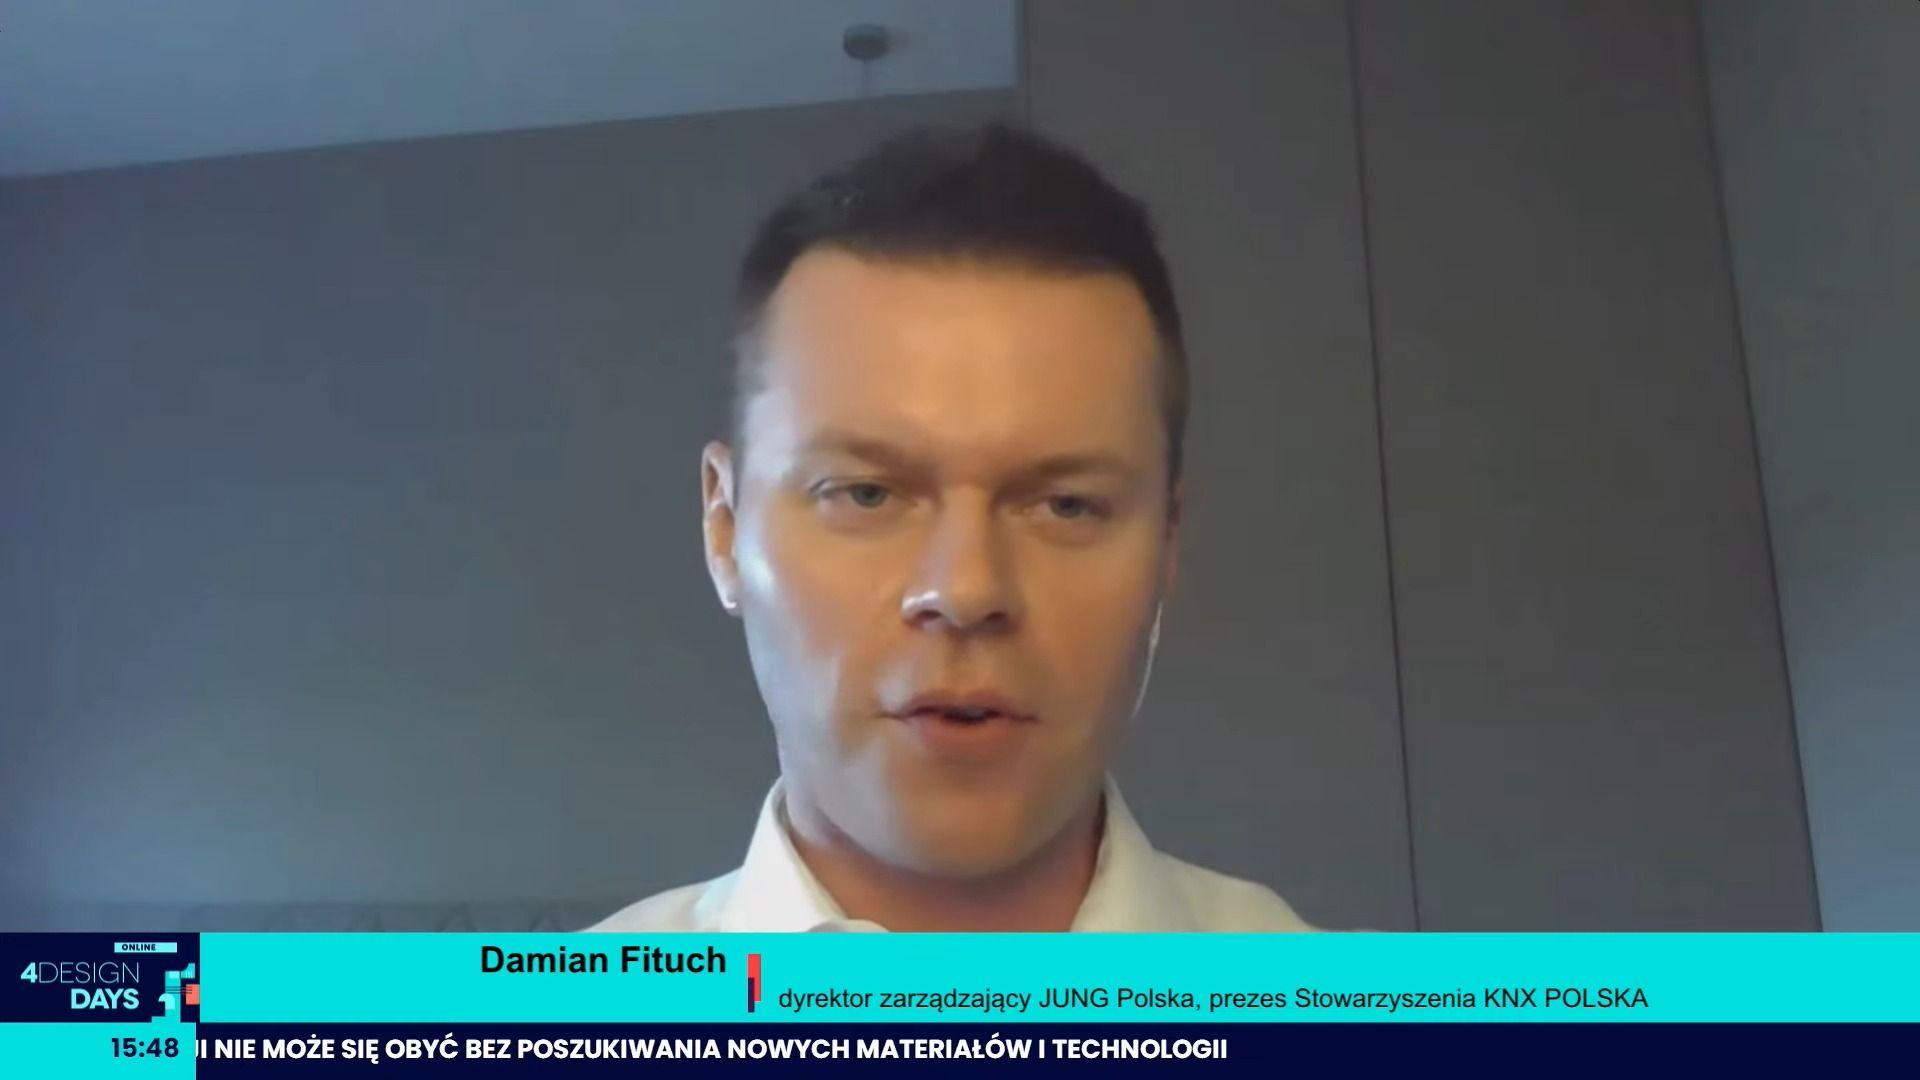 Damian Fituch, dyrektor zarządzający JUNG Polska, prezes Stowarzyszenia KNX POLSKA: Inteligentne domy i automatyka jest nieodłącznym elementem dobrego projektu.